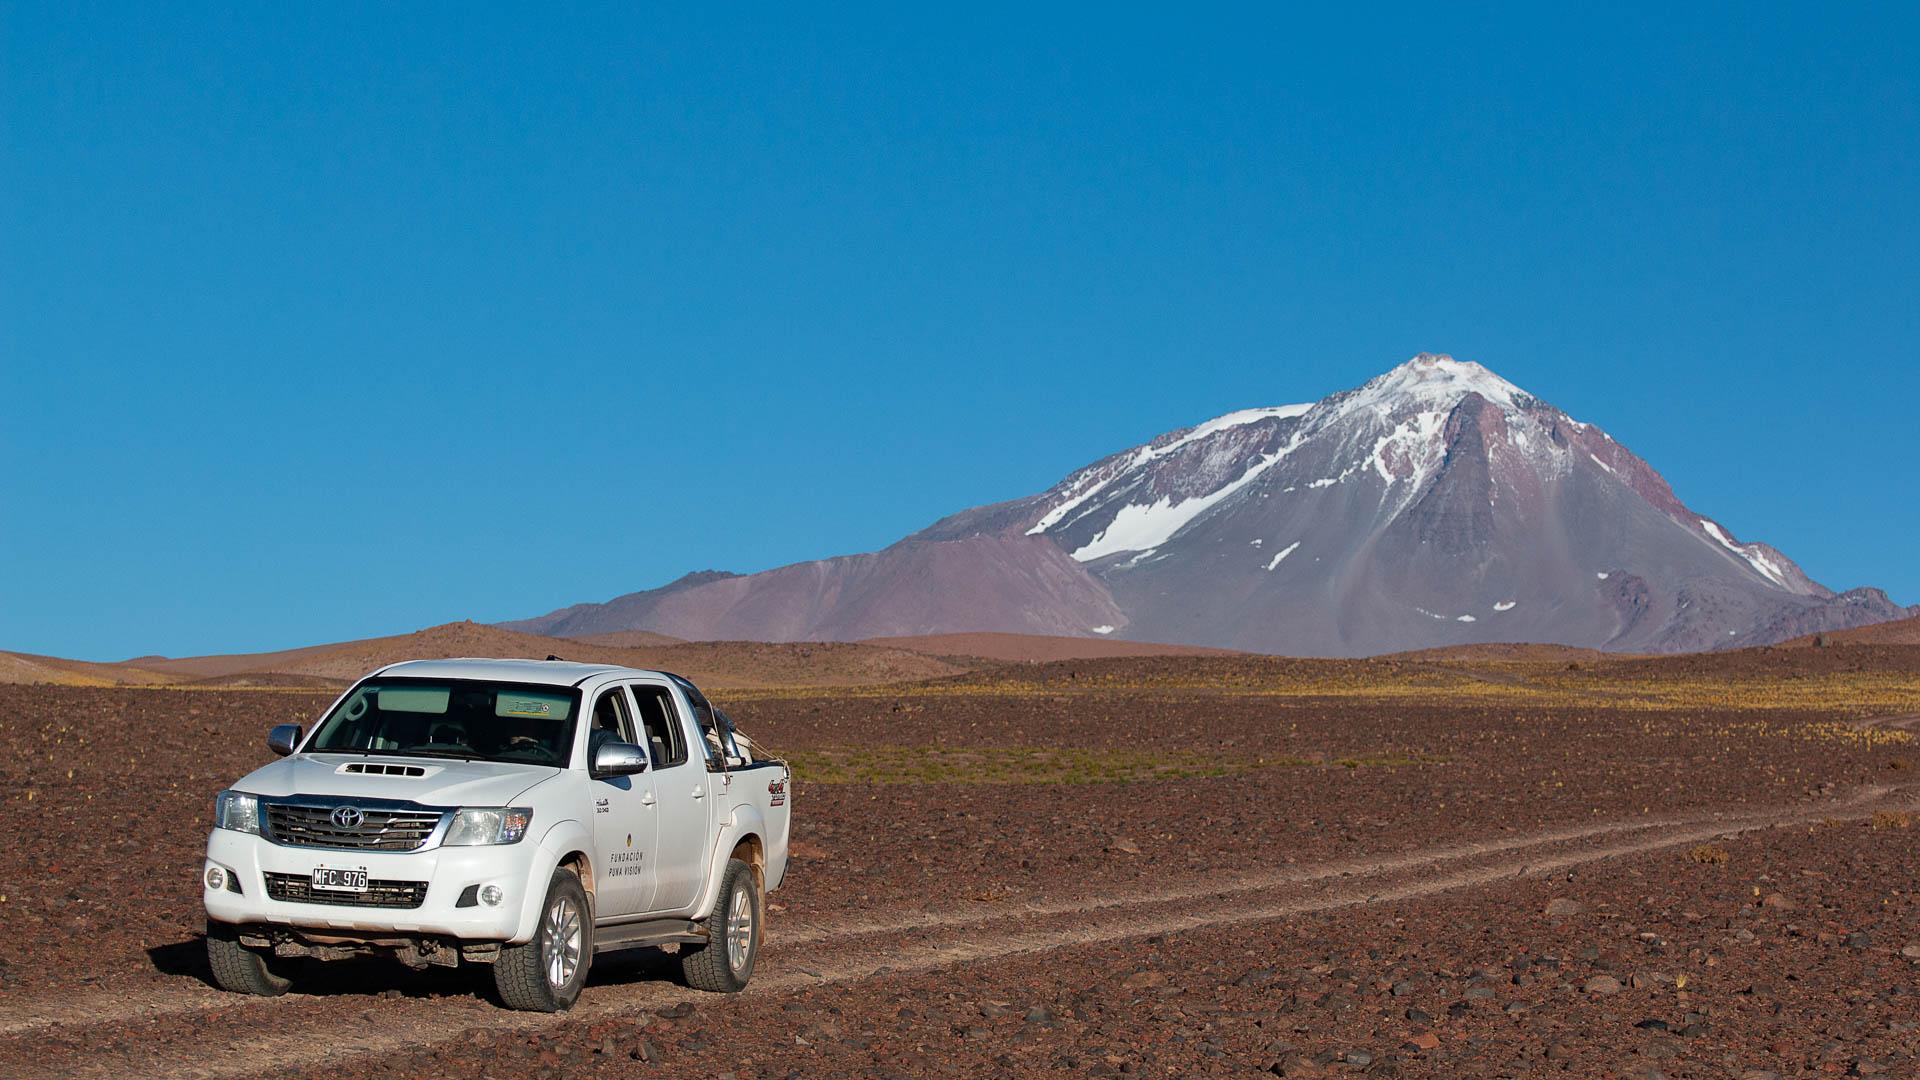 Las cercanías del campamento de la fundación Puna Visión, en el volcán Llullaillaco.